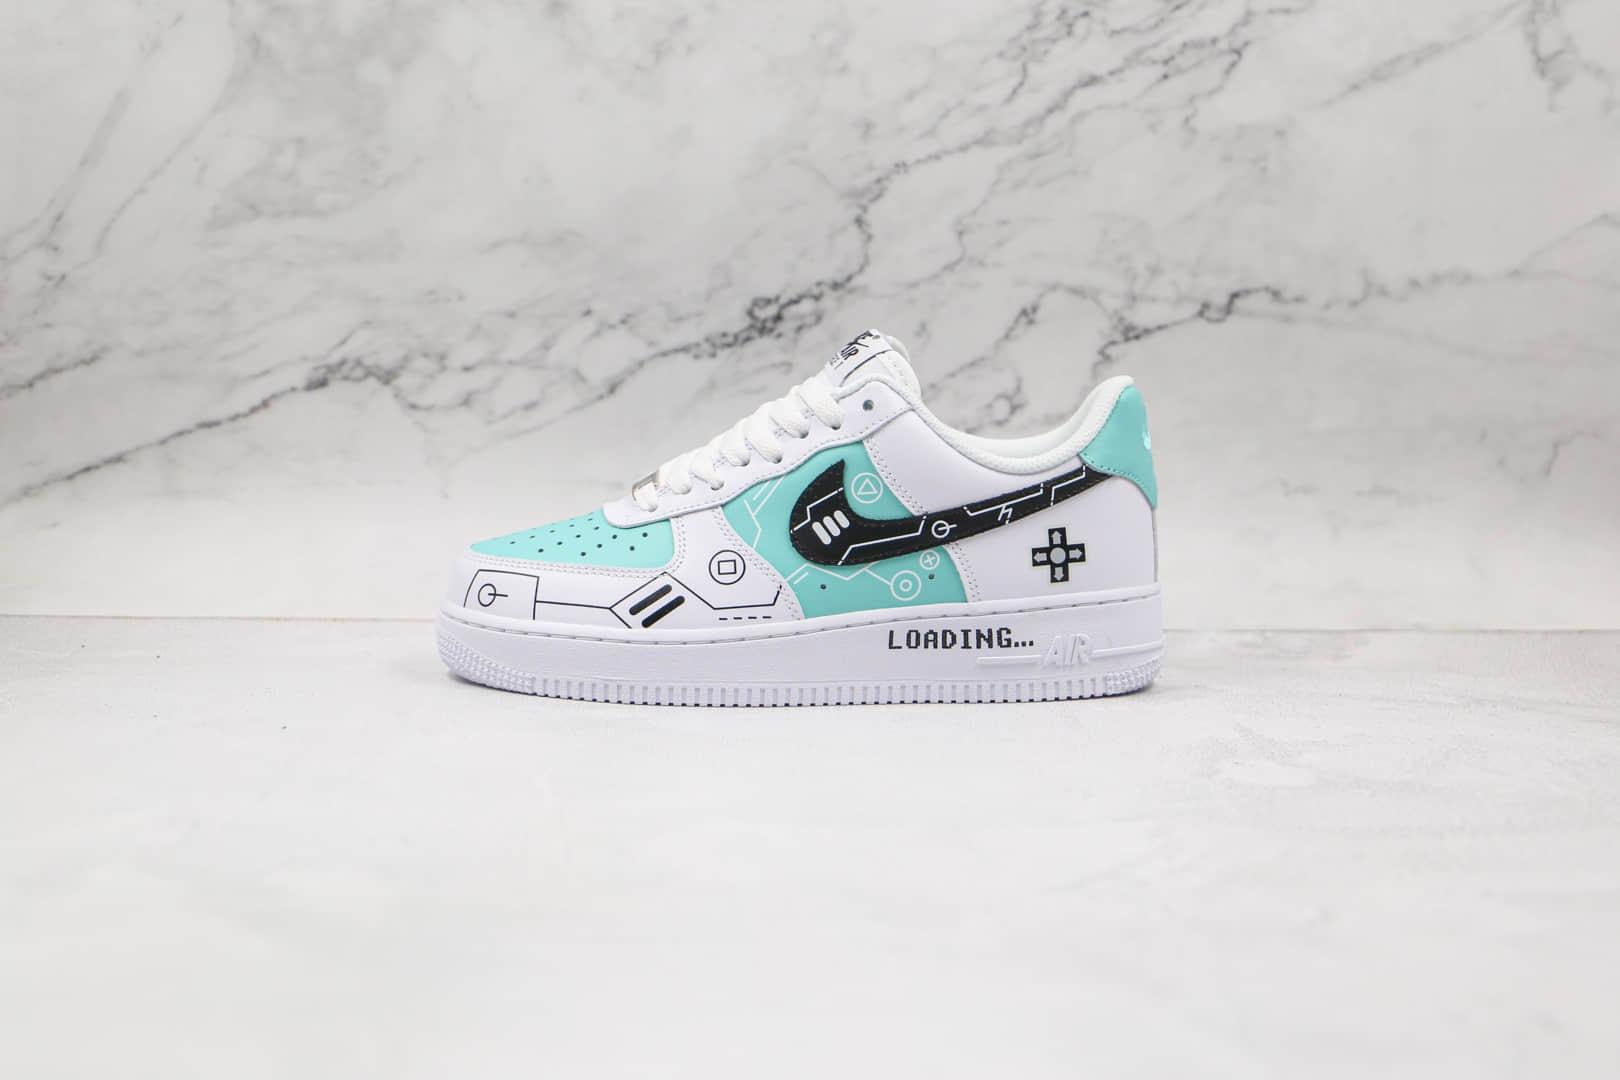 耐克Nike Air Force 1 Low 07纯原版本低帮空军一号PS5电玩主题蒂芙尼绿板鞋内置气垫 货号:CW2288-114